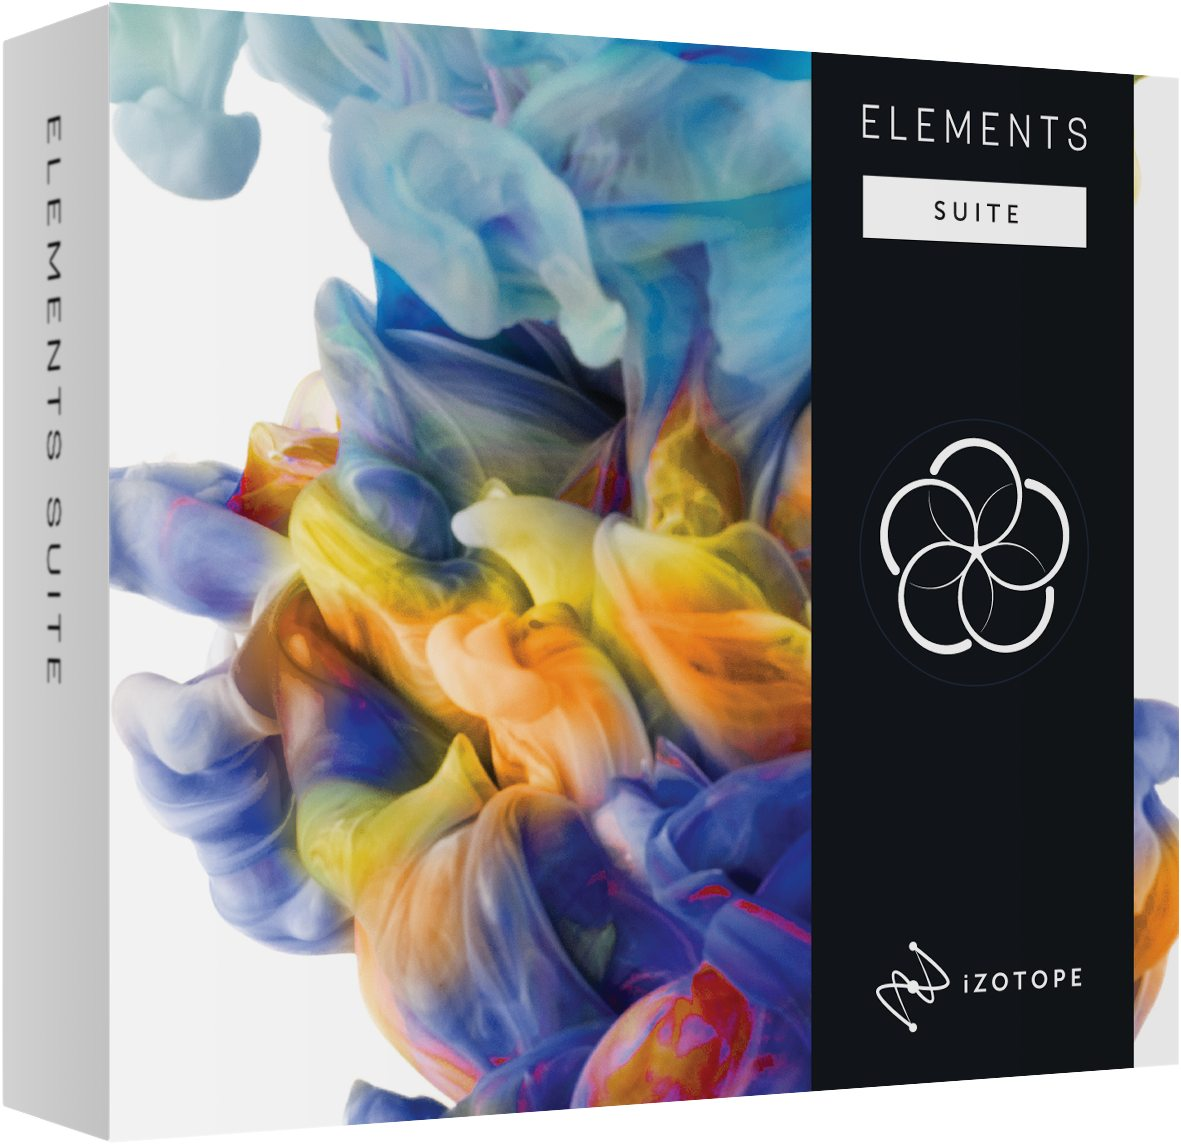 iZotope Elements Suite *